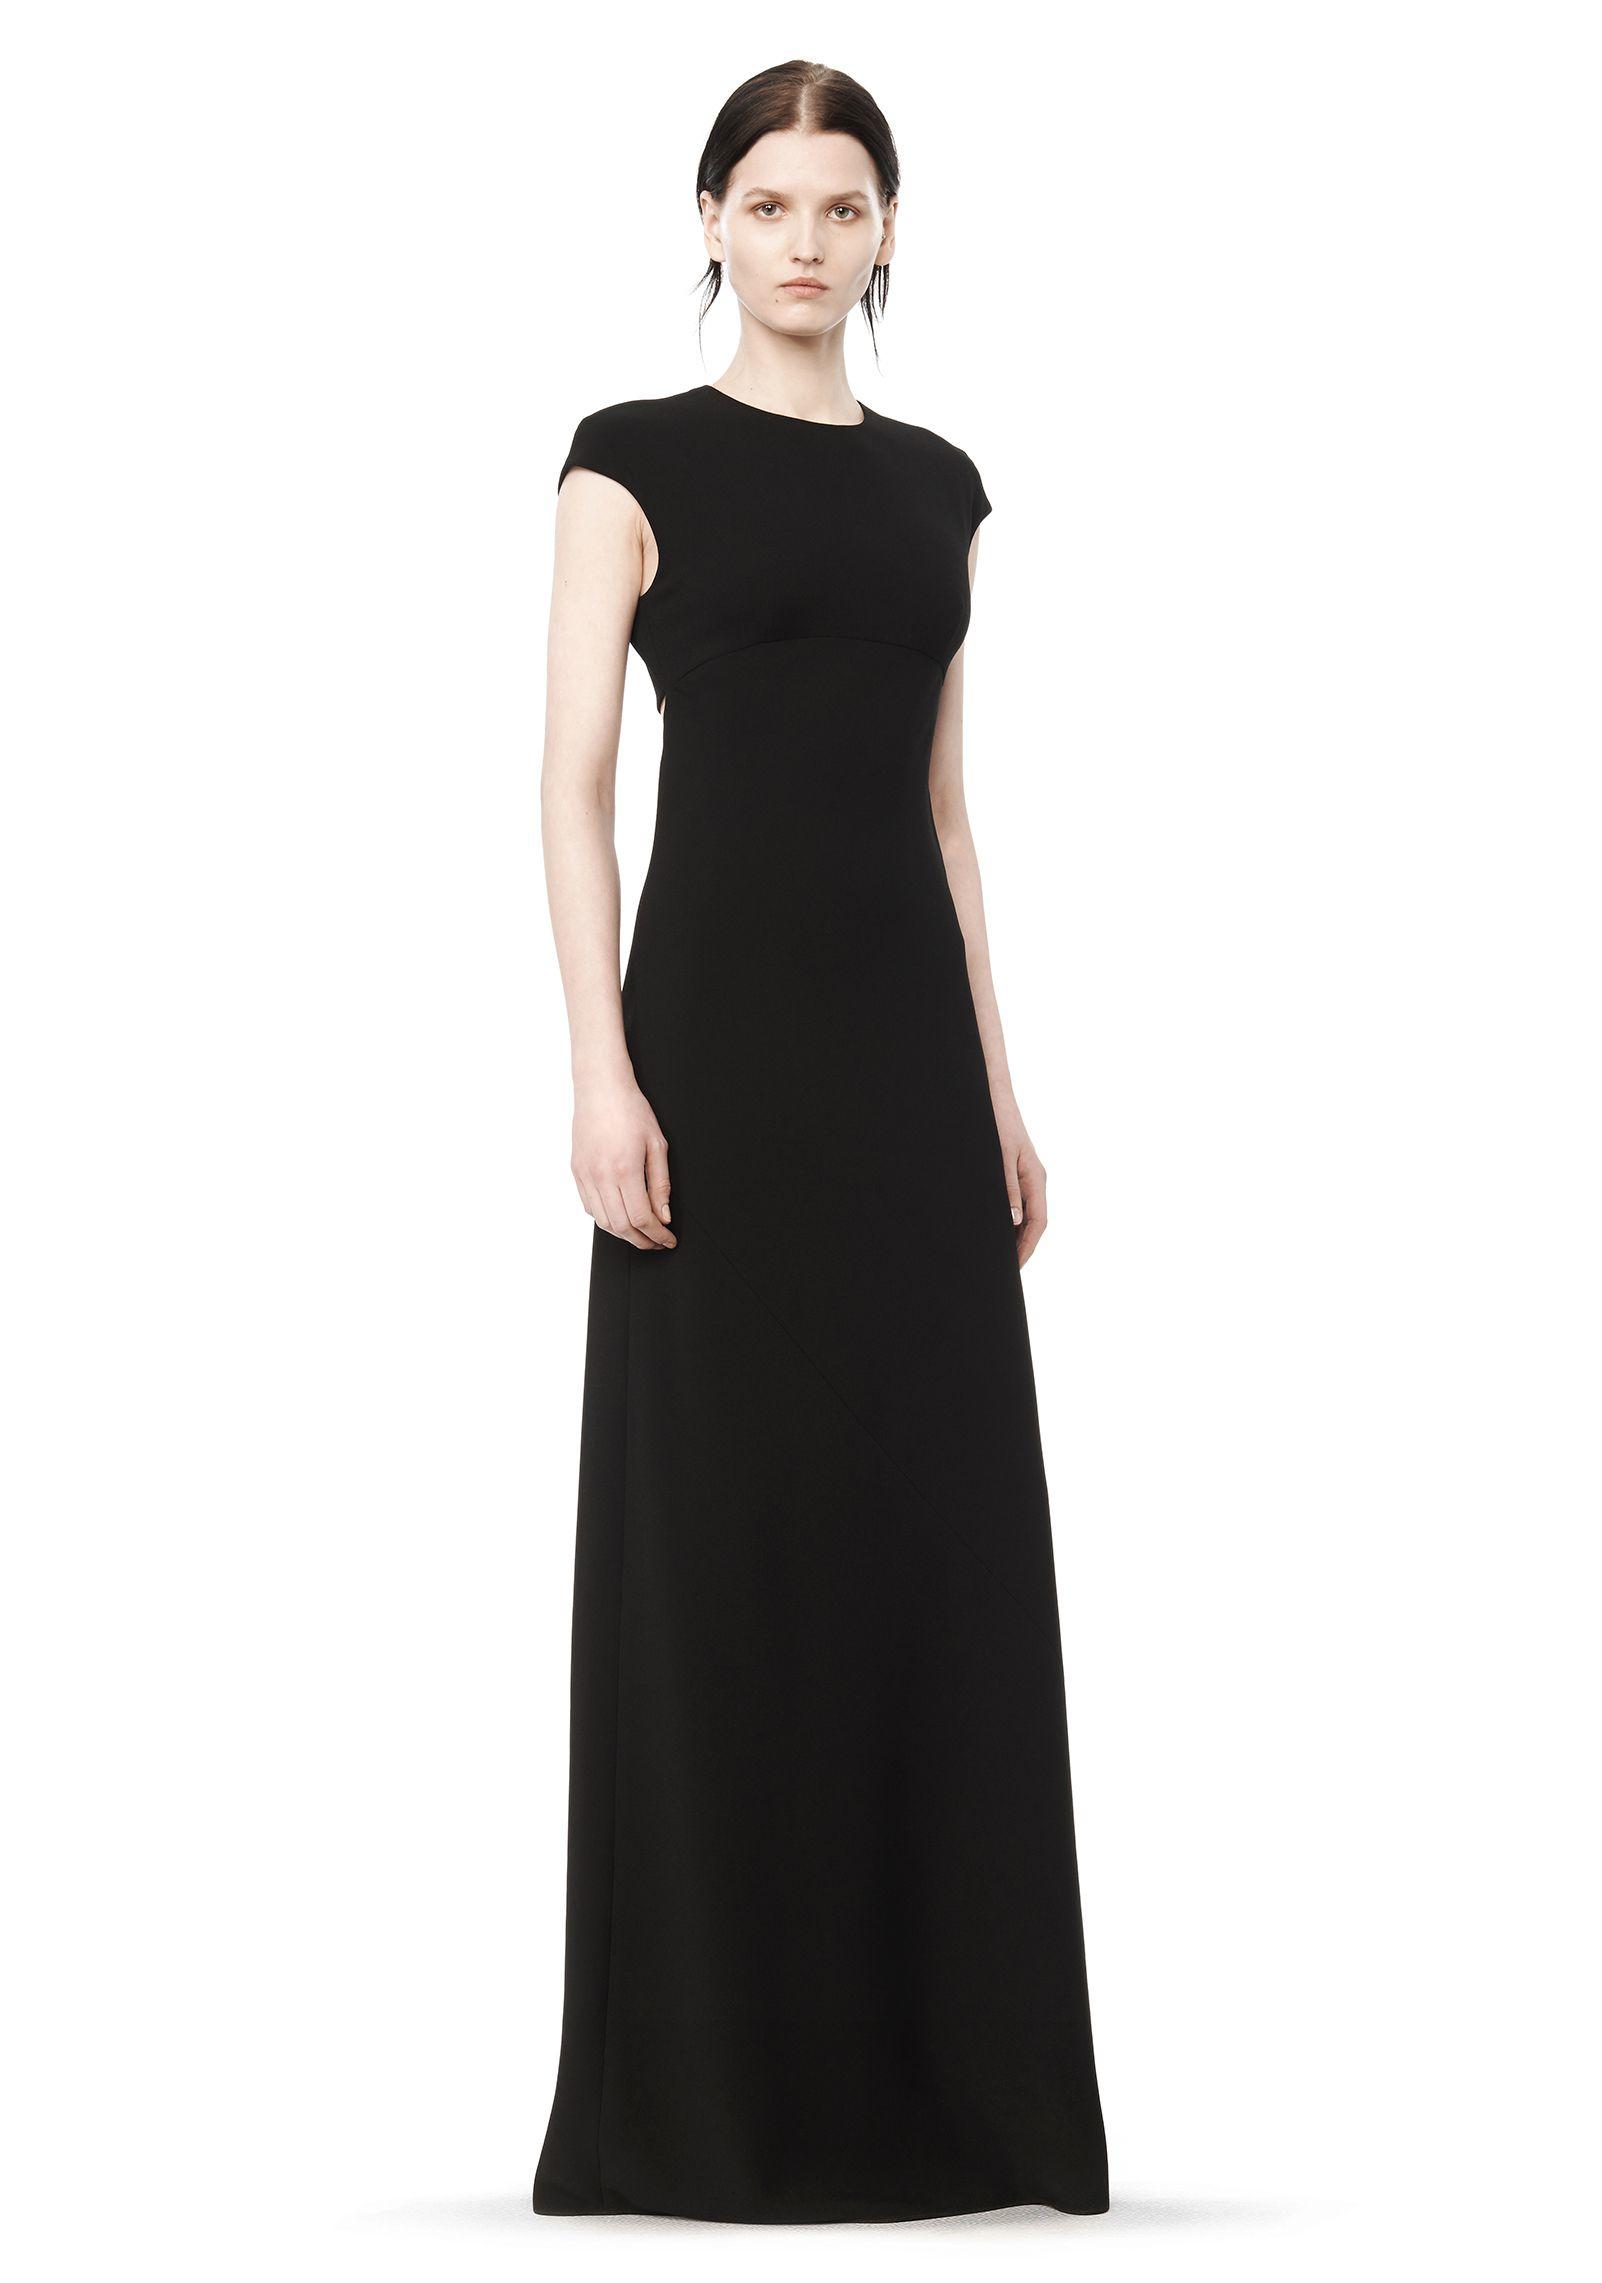 T by alexander wang Open-Back Maxi Dress in Black - Lyst